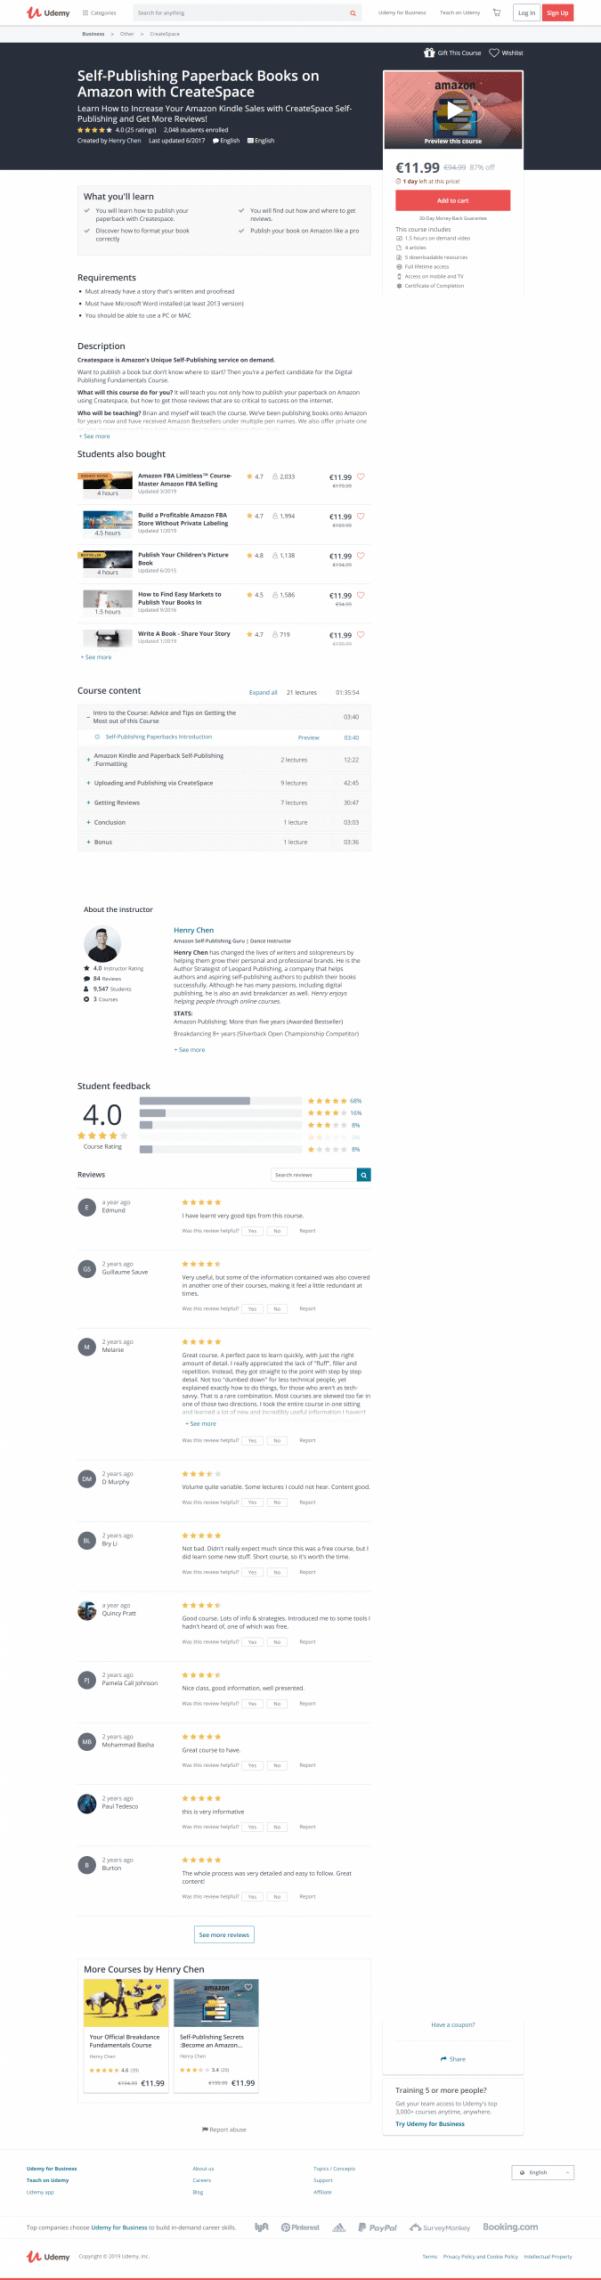 教你如何使用Createspace在亚马逊上发布你的平装书,还教你如何在互联网上获得那些对成功至关重要的评论!(Self-Publishing Books on Amazon with CreateSpace)